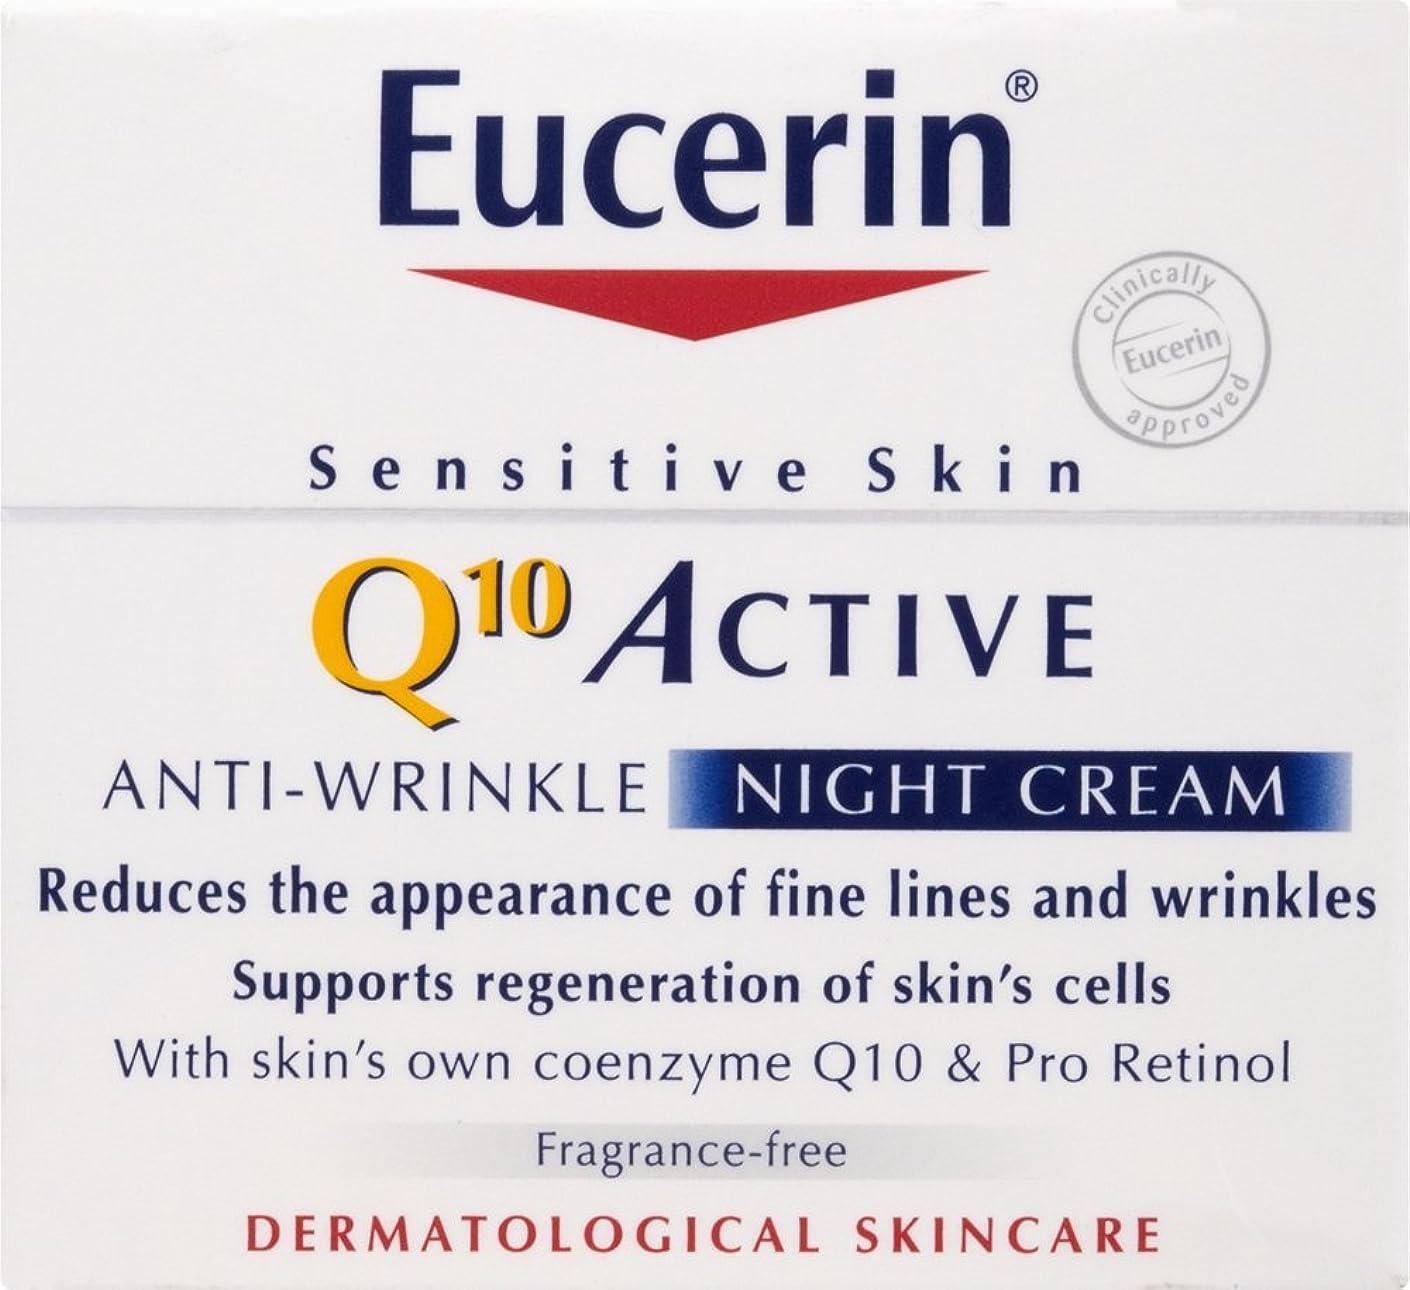 能力比較的鎮痛剤Eucerin Q10アクティブアンチリンクルナイトクリーム